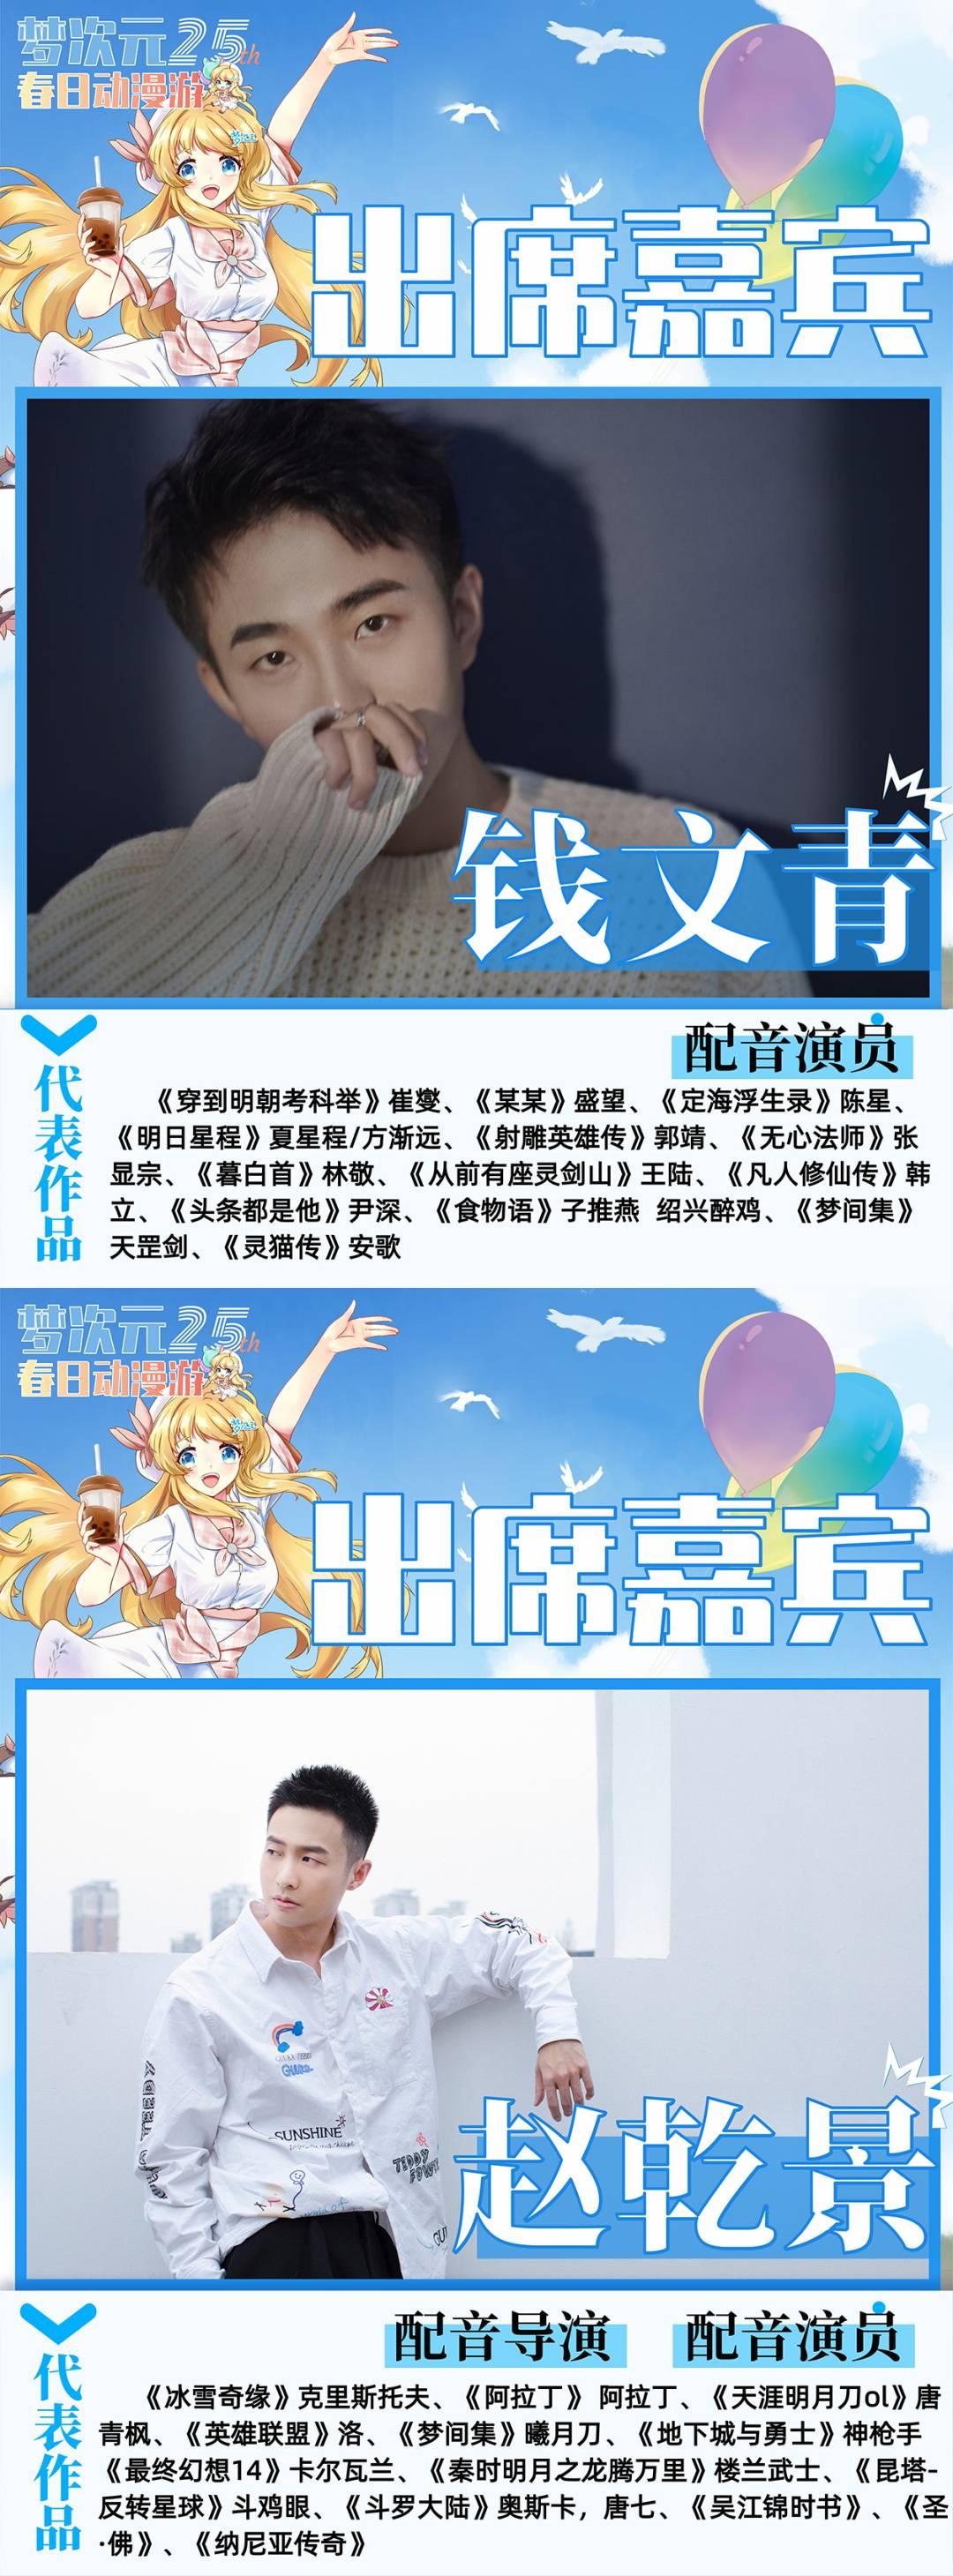 春日游园·梦次元25春日动漫游 情报首公开!-ANICOGA